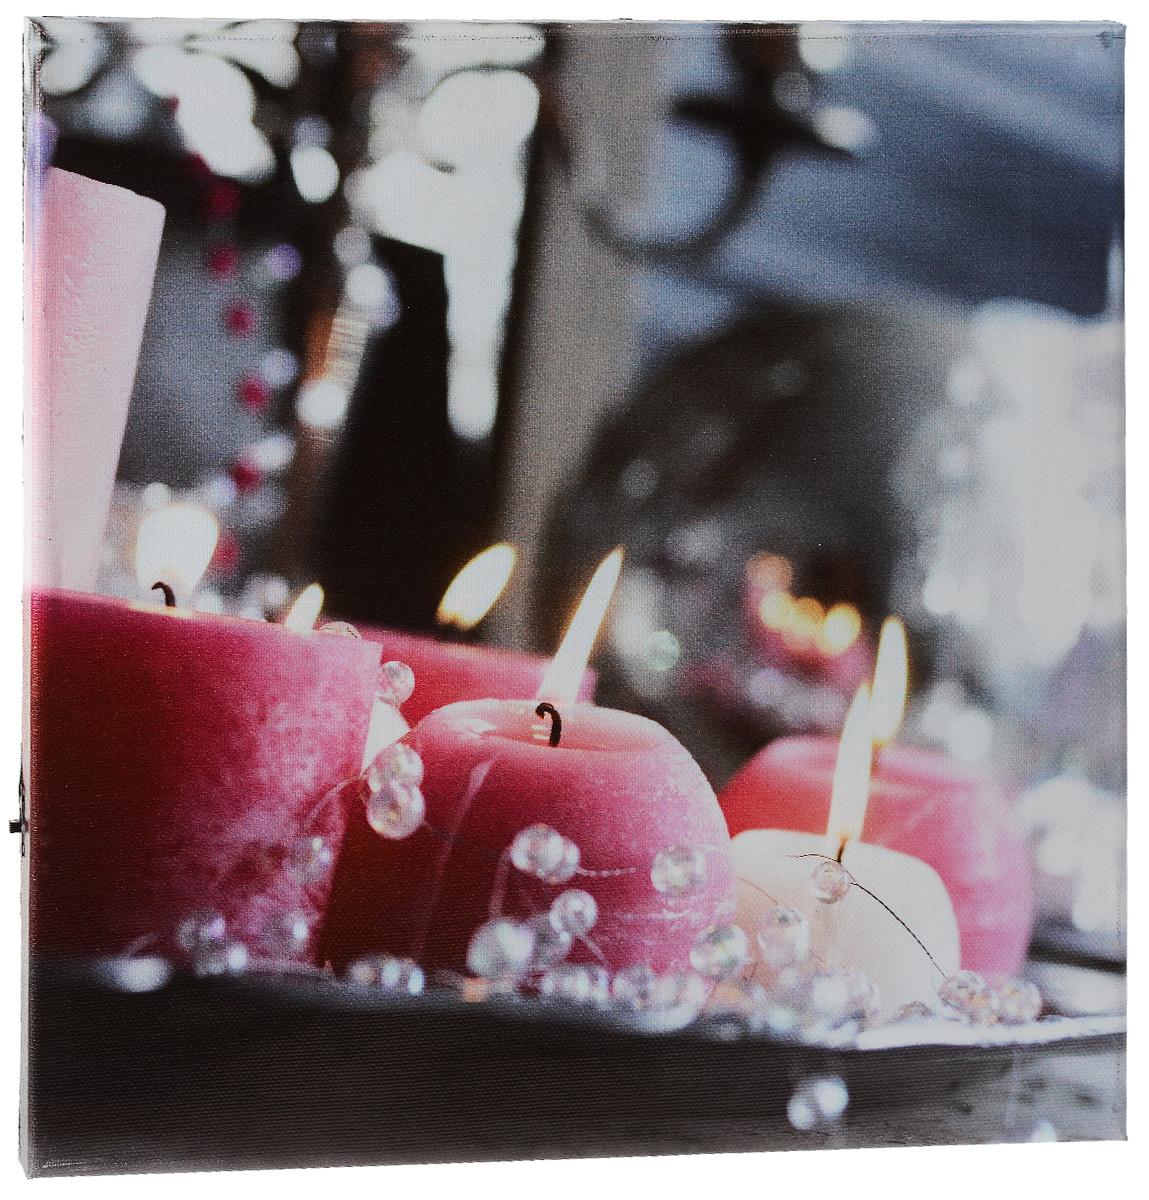 Картина MTH Свечи и бусы, со светодиодами, 30 х 30 смled3030-01Картина MTH Свечи и бусы выполнена на основе из МДФ, обтянутой холстом. Изделие оснащено светодиодами. Их теплый мерцающий в темноте свет оживит ваш дом и добавит ему уюта. На картине изображены декоративные свечи с бусами. Благодаря светодиодной подсветке создается ощущение, что теплый свет, исходящий от свечей, действительно может согревать. С оборотной стороны картина оснащена специальным отверстием для подвешивания на стену. Необычная картина придаст интерьеру невероятного шарма и оригинальности. Рисунок успокаивает нервную систему, помогая расслабиться и отвлечься от повседневных забот. Подсветка работает от 2 батареек типа АА напряжением 1,5V (в комплект не входят).